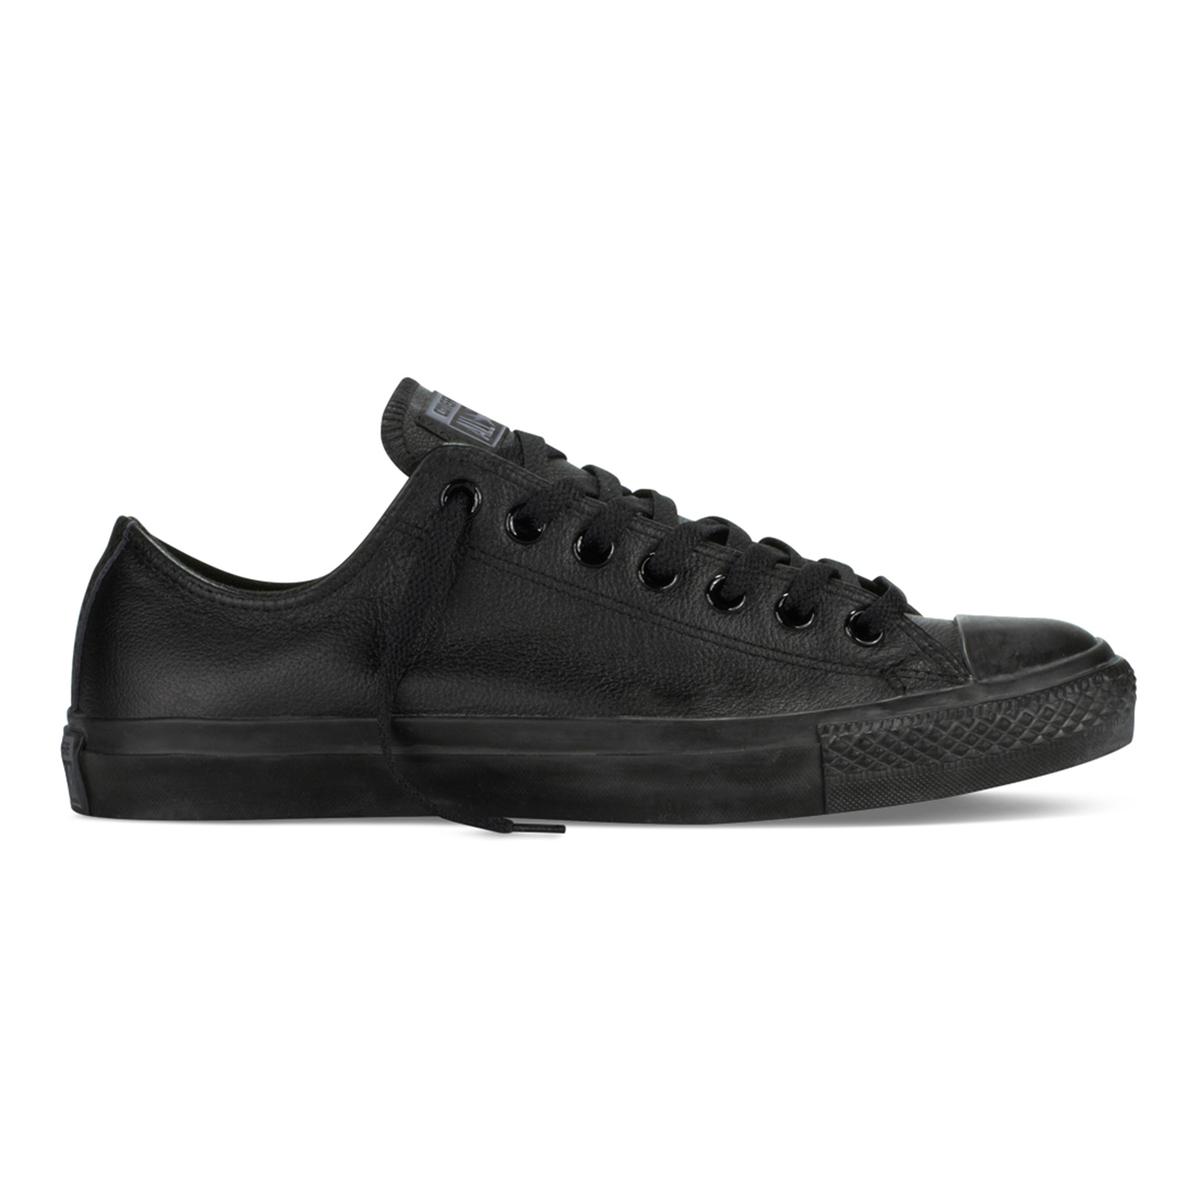 Imagen principal de producto de Zapatillas CHUCK TAYLOR ALL STAR OX MONO CUIR - Converse